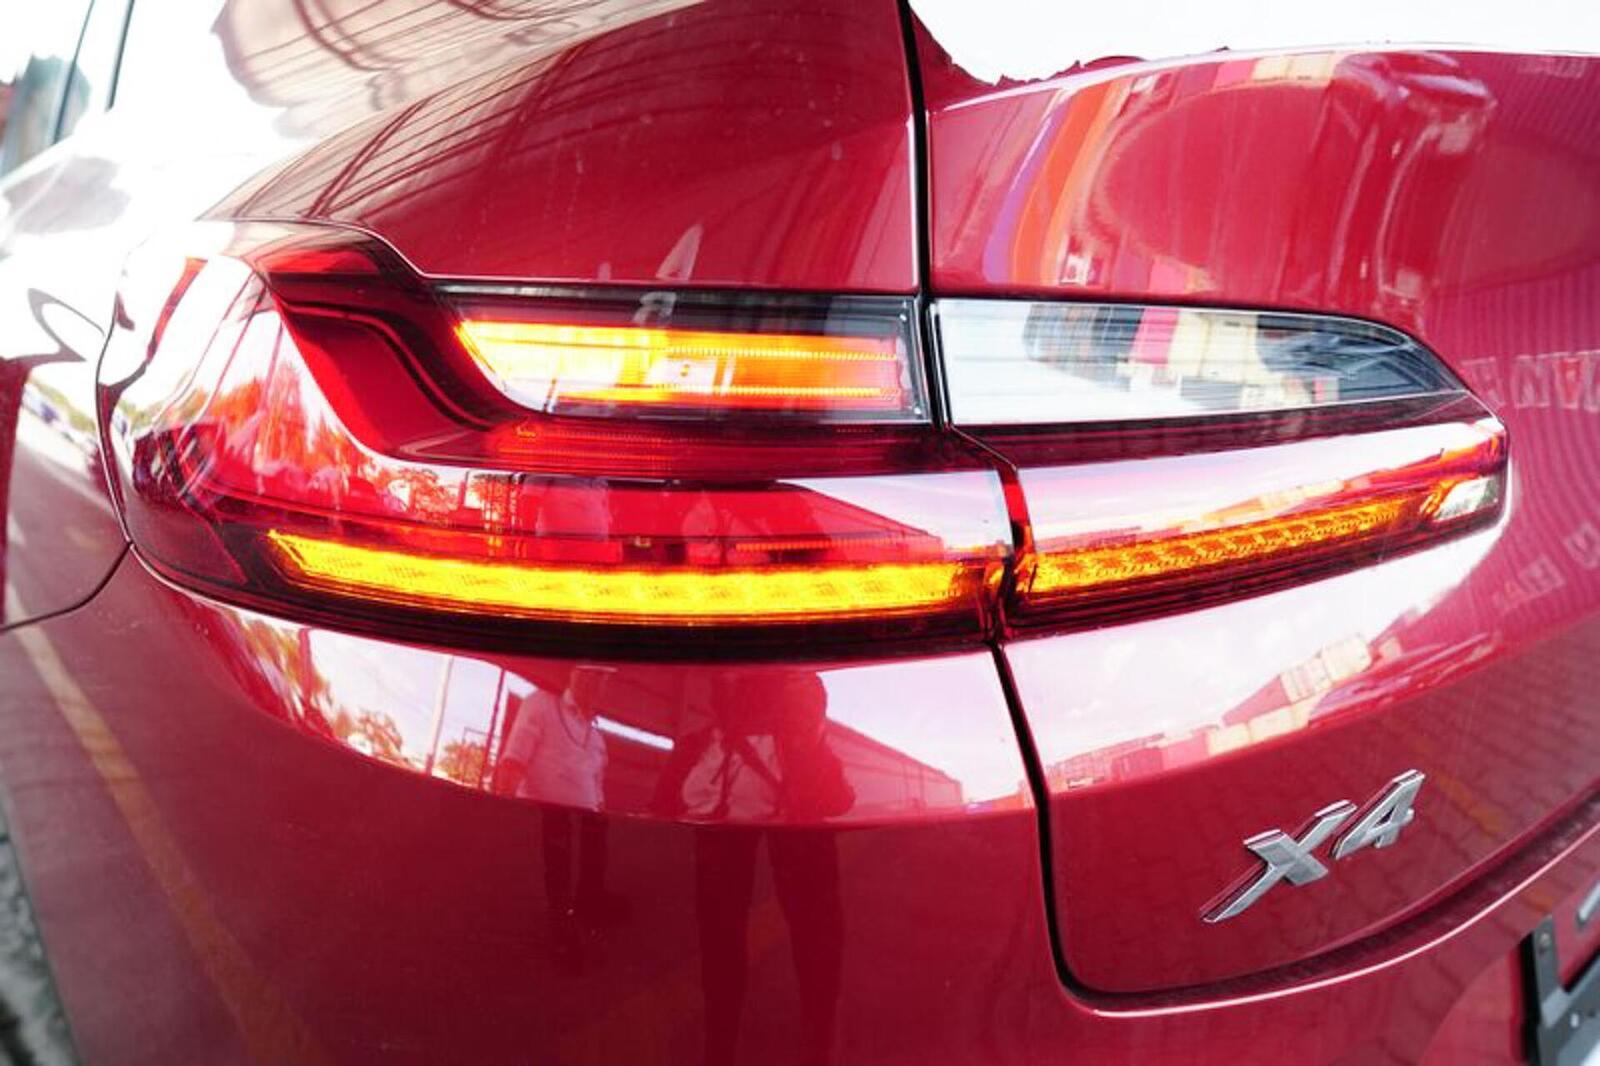 THACO đưa BMW X4 thế hệ mới về cảng; sắp sửa ra mắt; mời các bác dự đoán giá bán - Hình 6